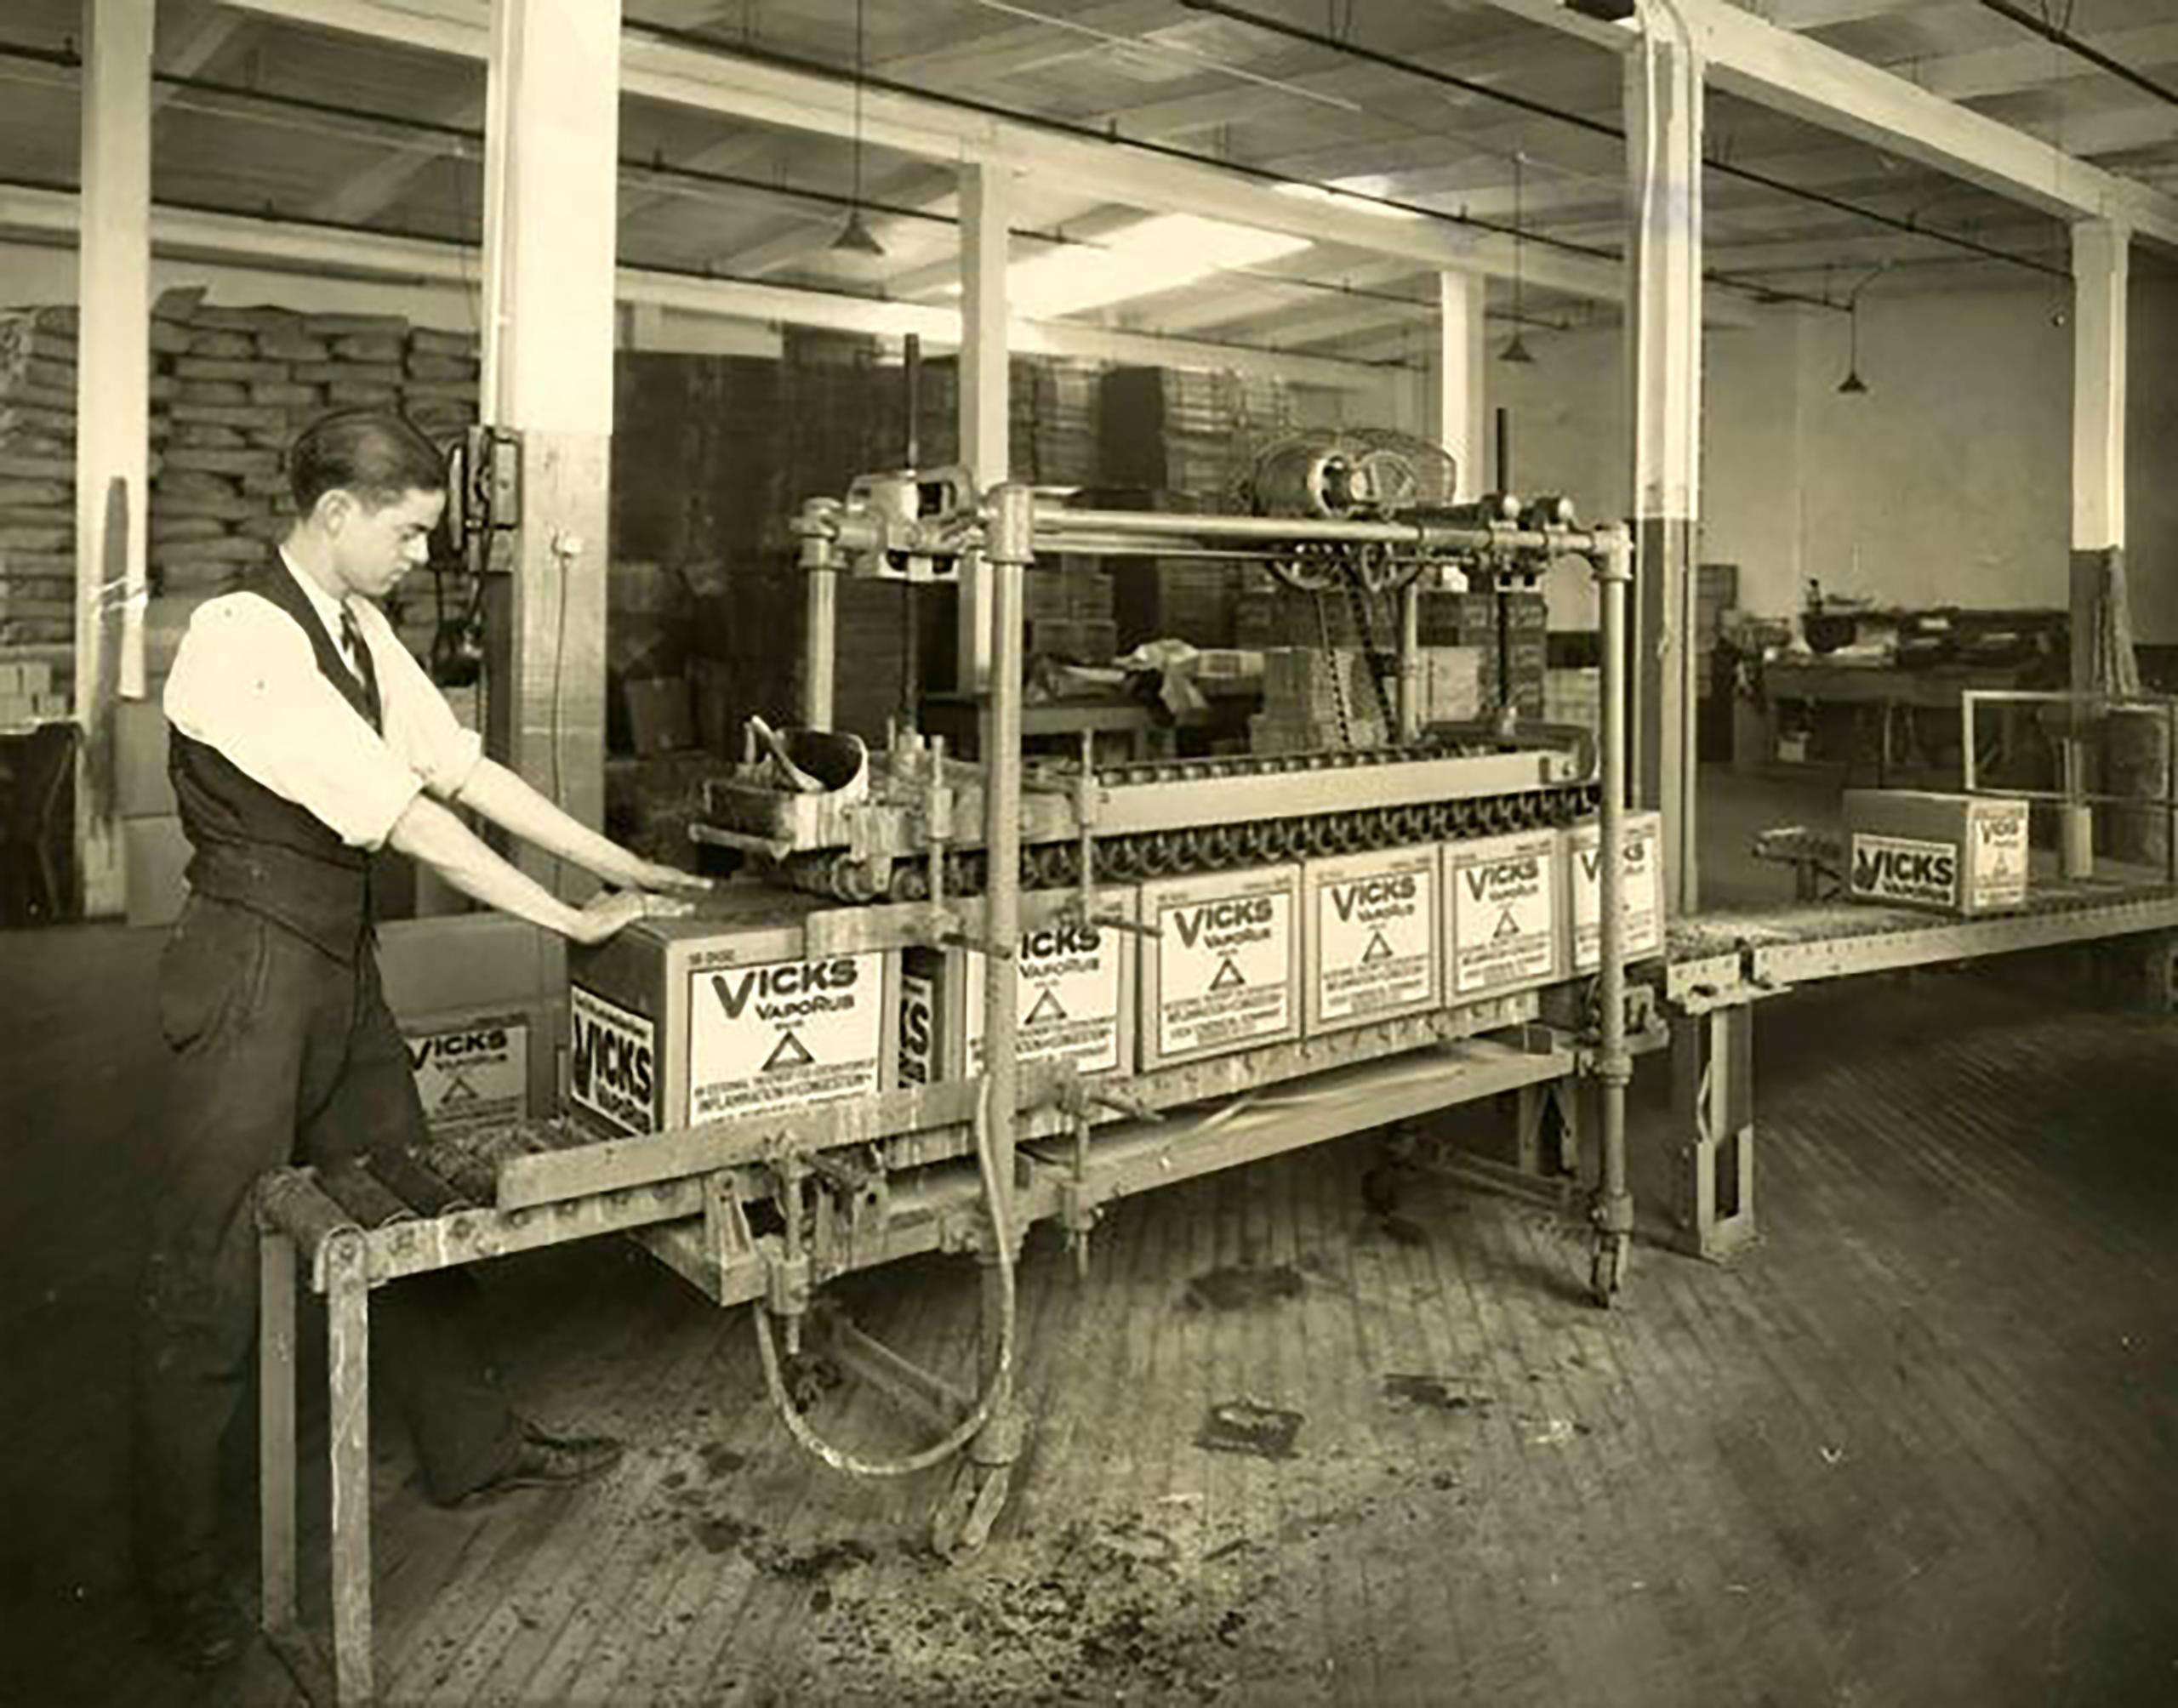 Lek Vicks VapoRub produkowany jest już od 125 lat. Rocznie z taśm produkcyjnych zjeżdżają 23 miliony opakowań leku (fot. materiały producenta)